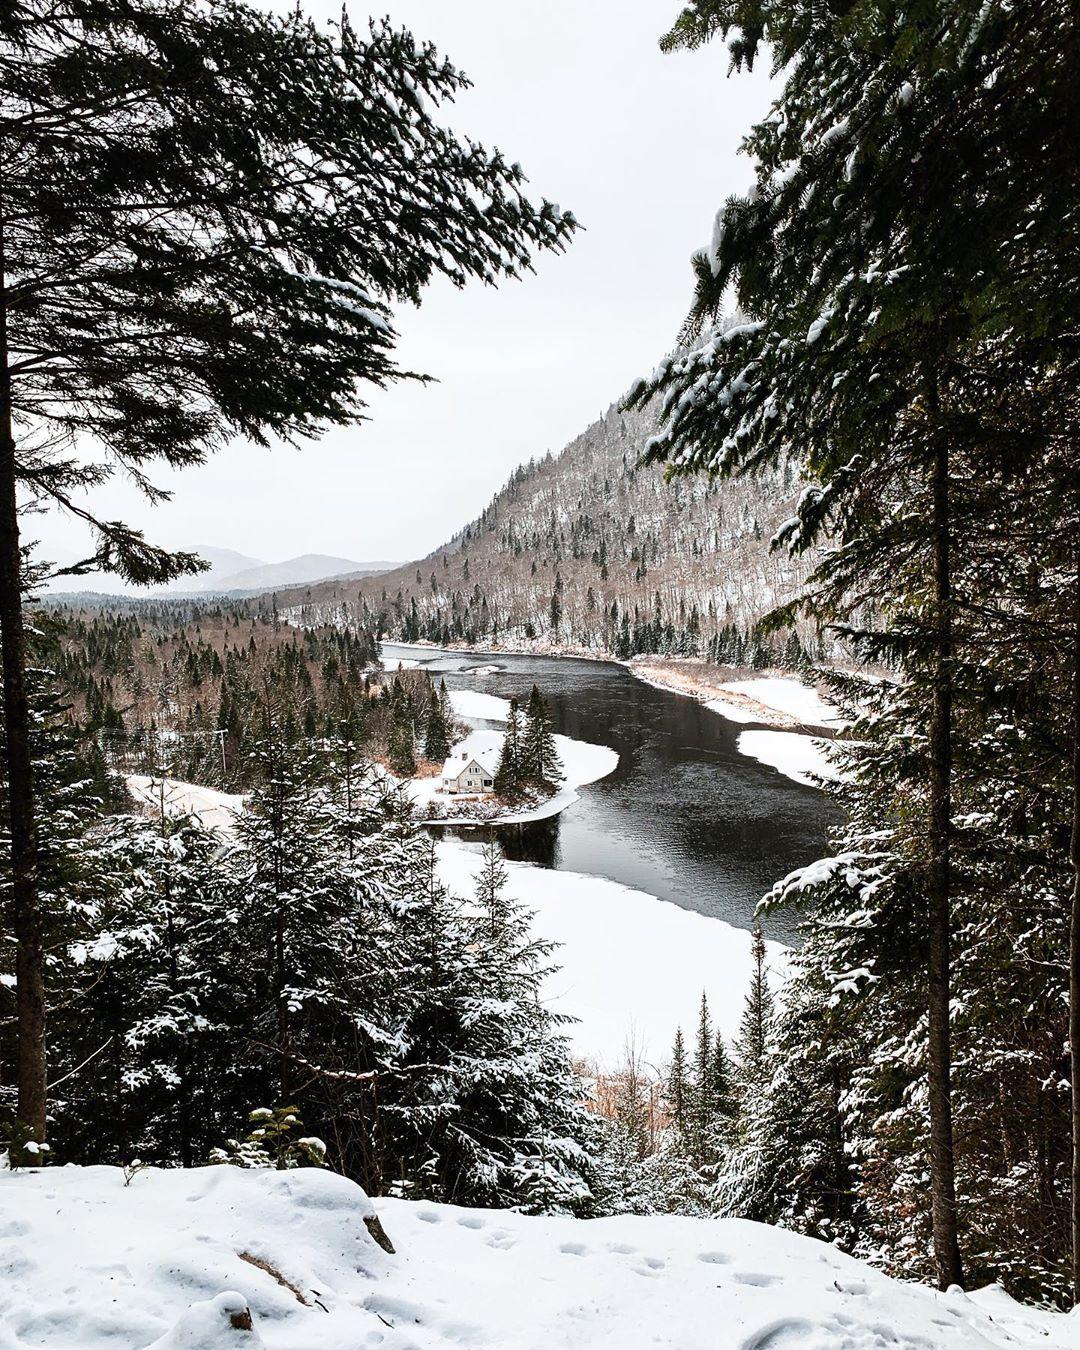 Parc national de la Jacques-Cartier en hiver - Incontournables de Québec été et hiver - Blog Voyage Ma Folie Vagabonde